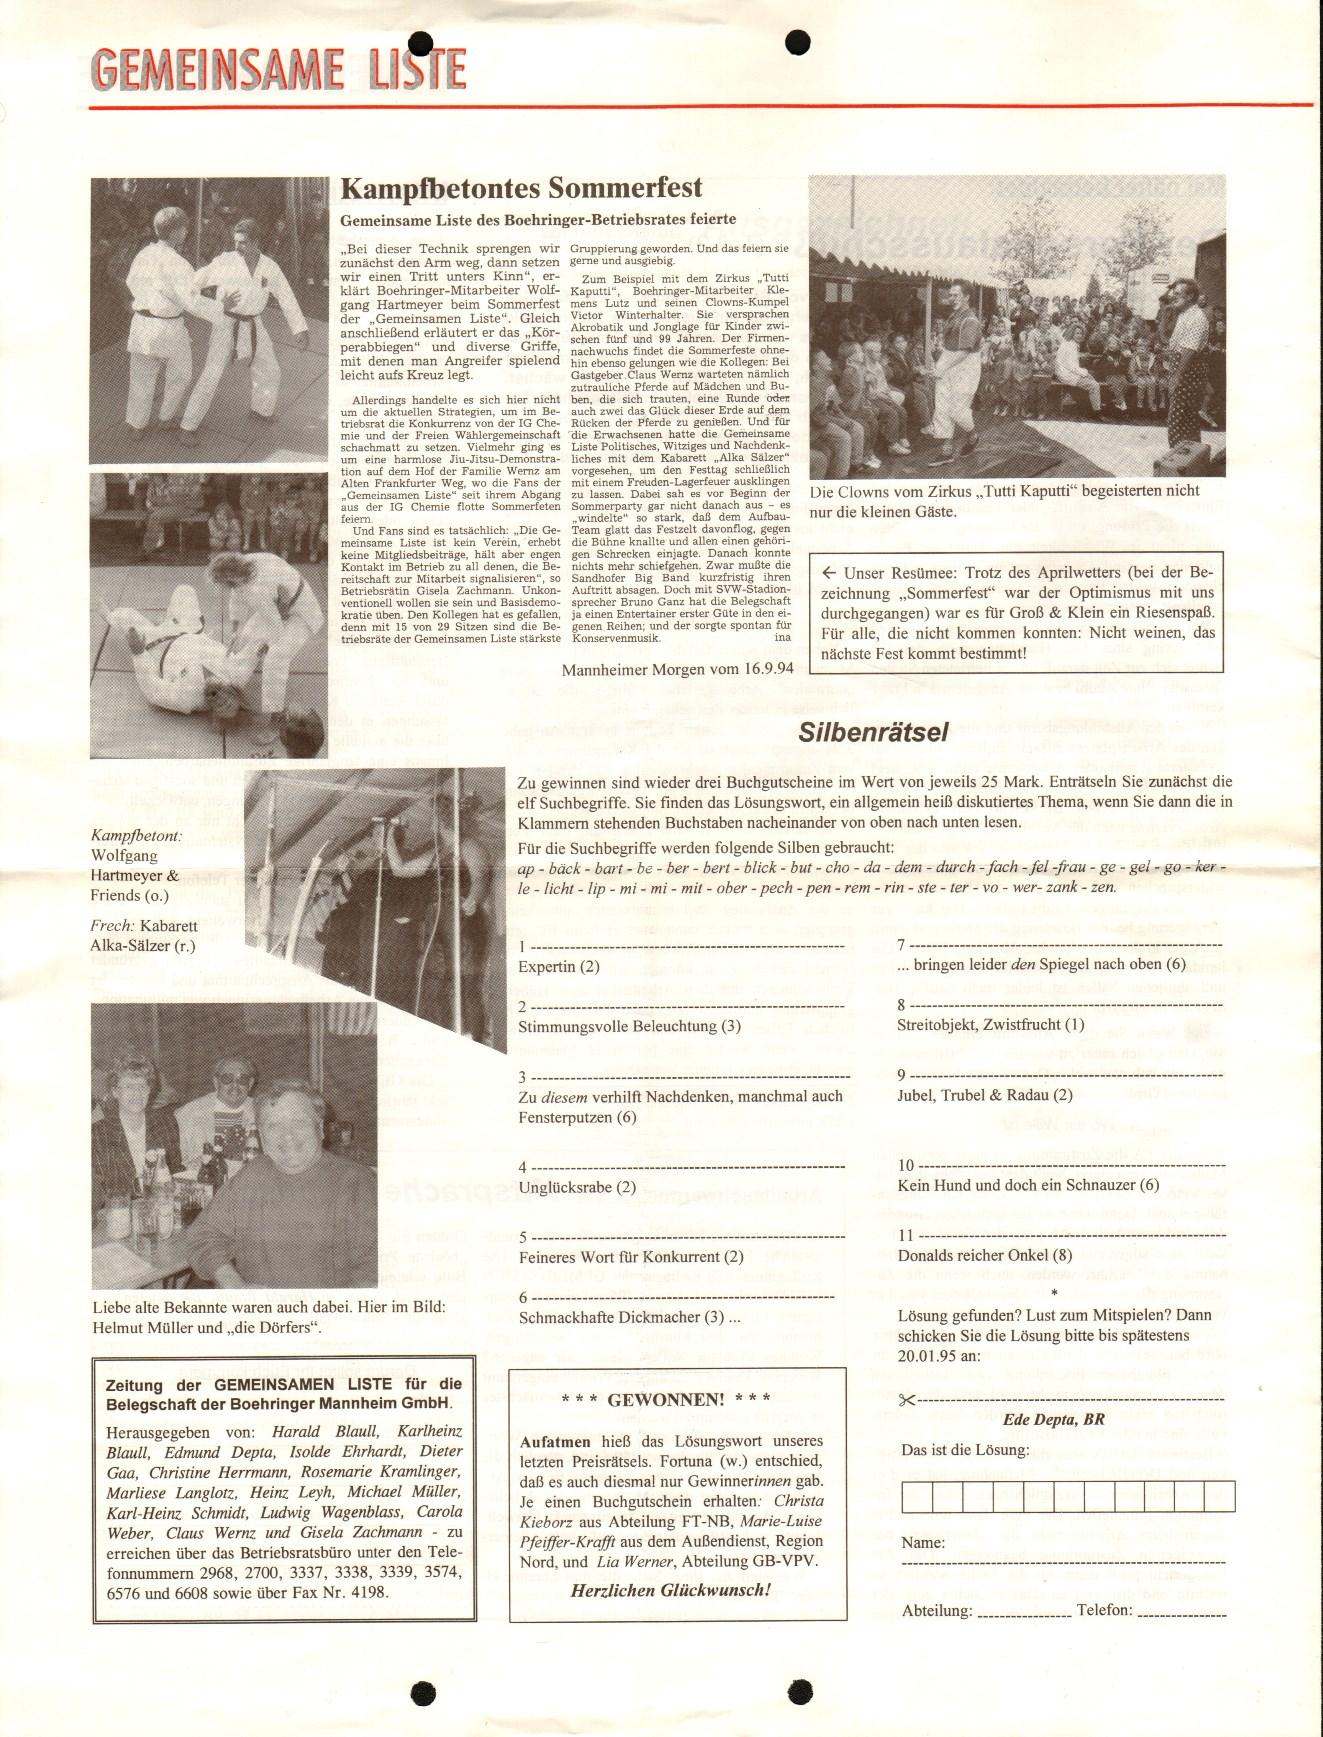 Mannheim_Boehringer_Gemeinsame_Liste_1994_04_04